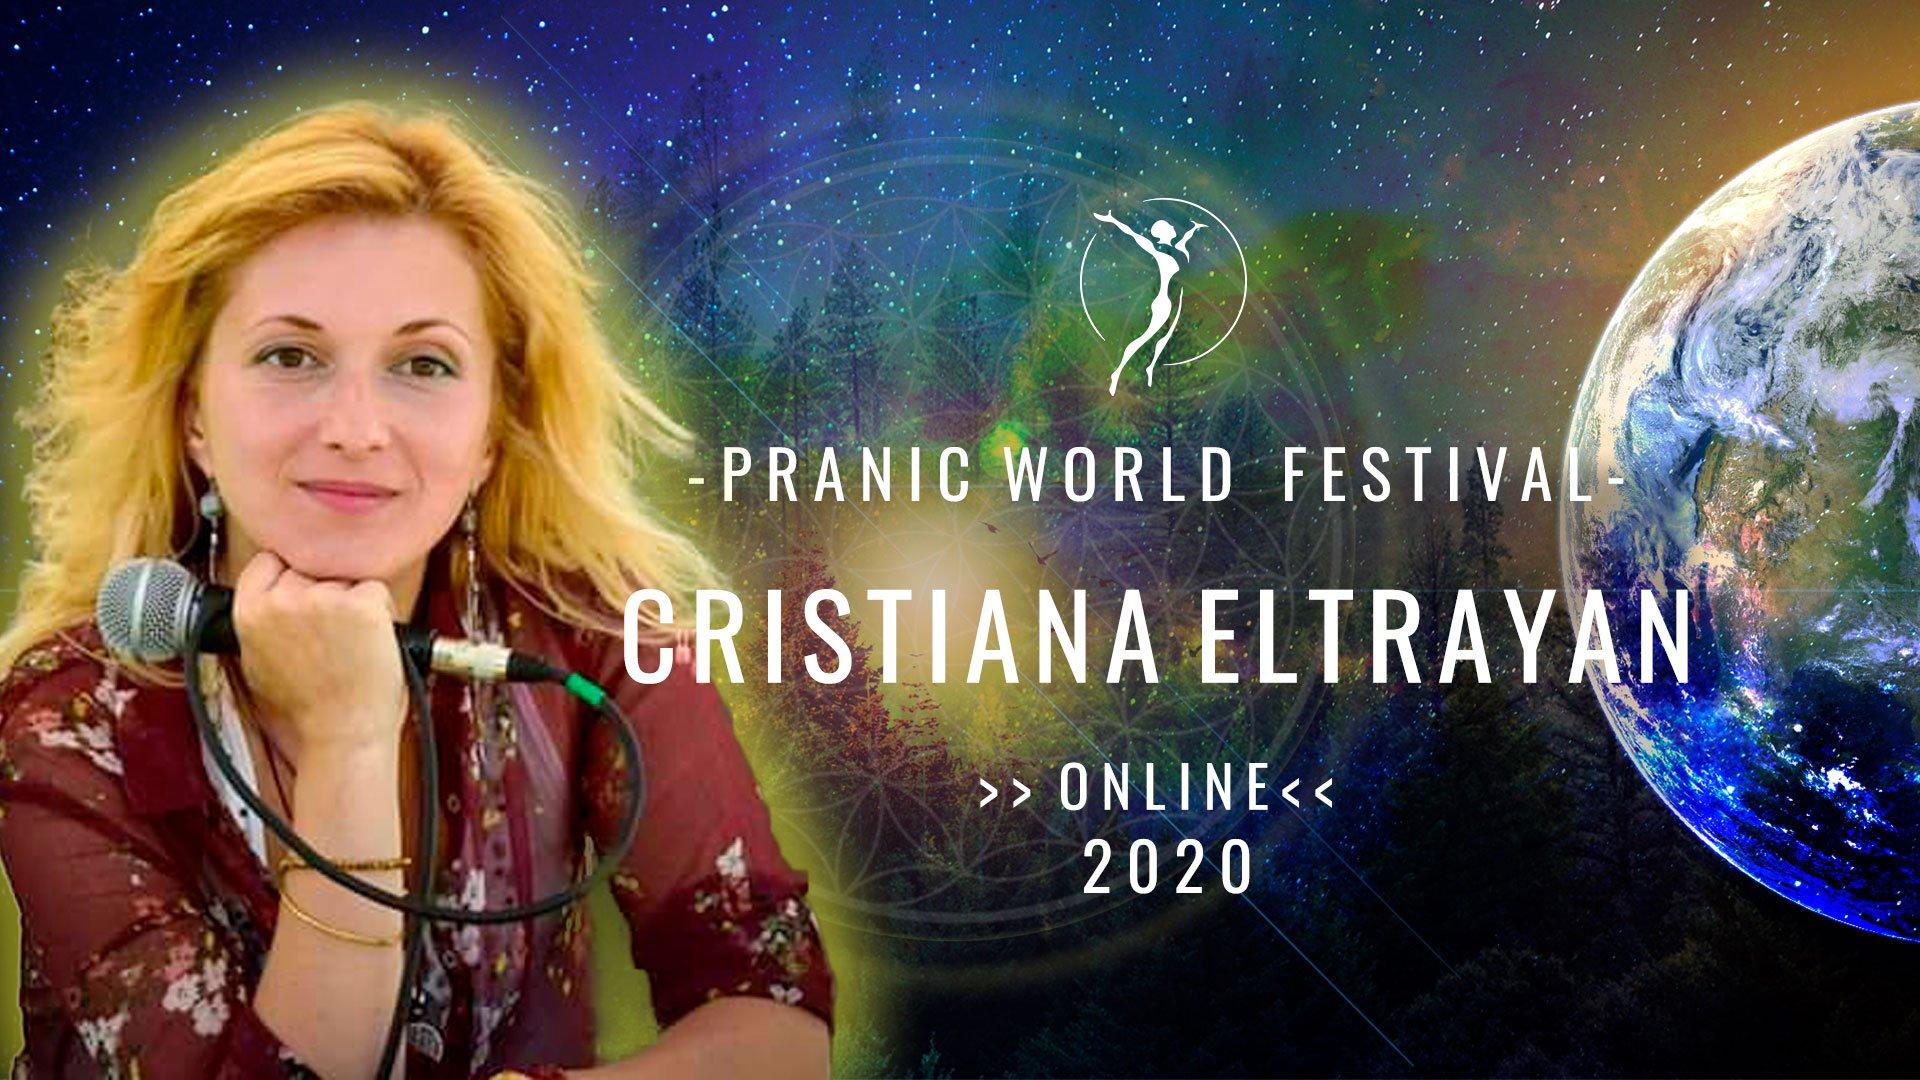 Cristiana Eltrayan